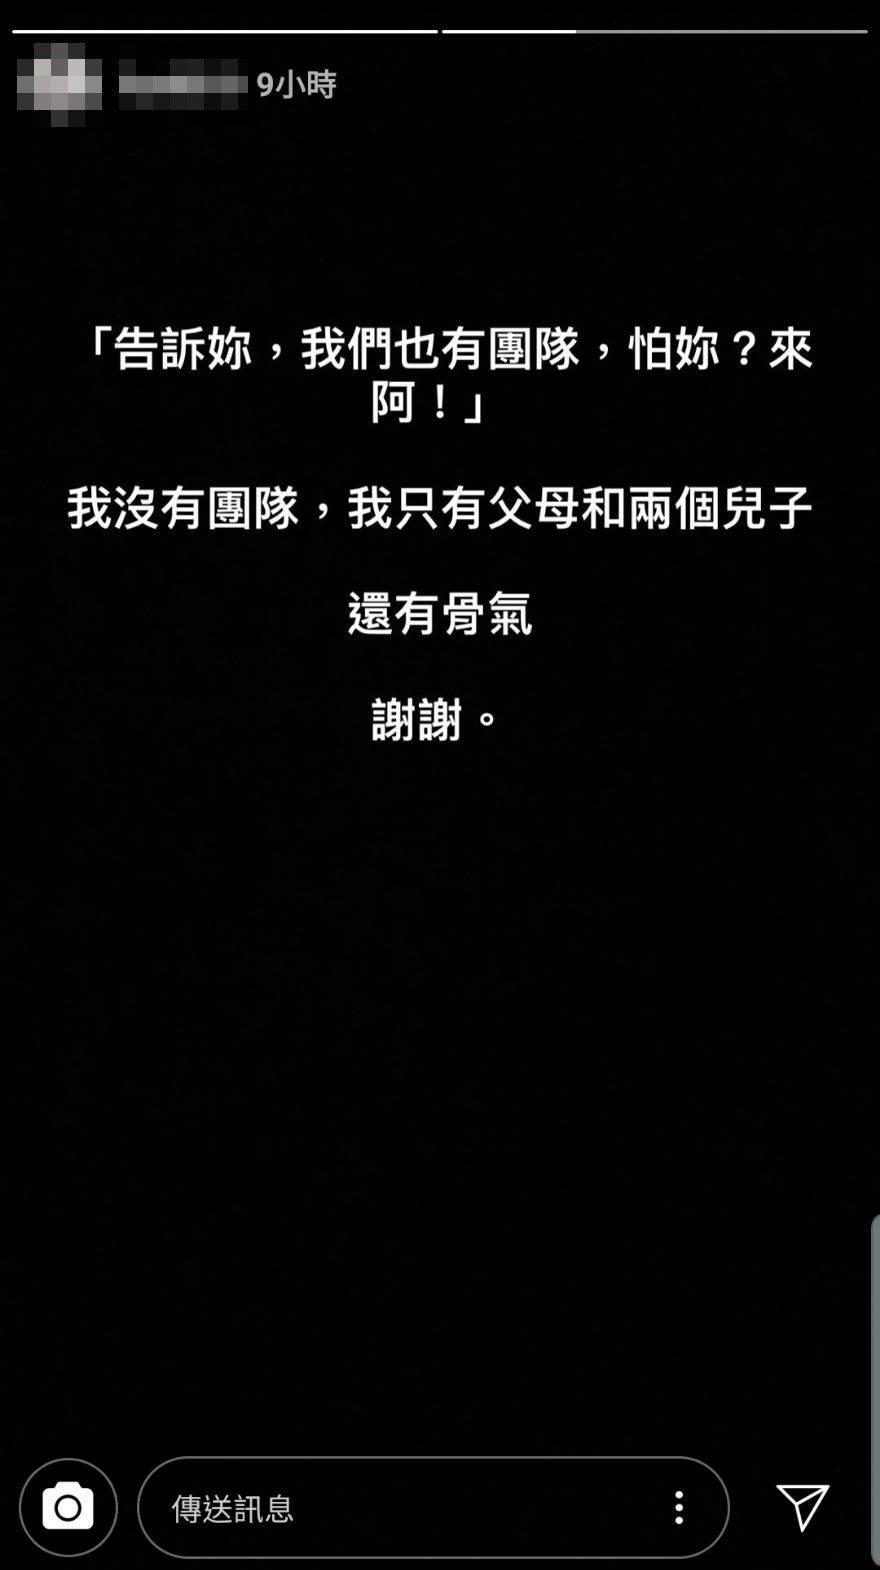 馬俊麟老婆昨深夜PO文顯示和王瞳已經鬧翻了  圖/摘自IG